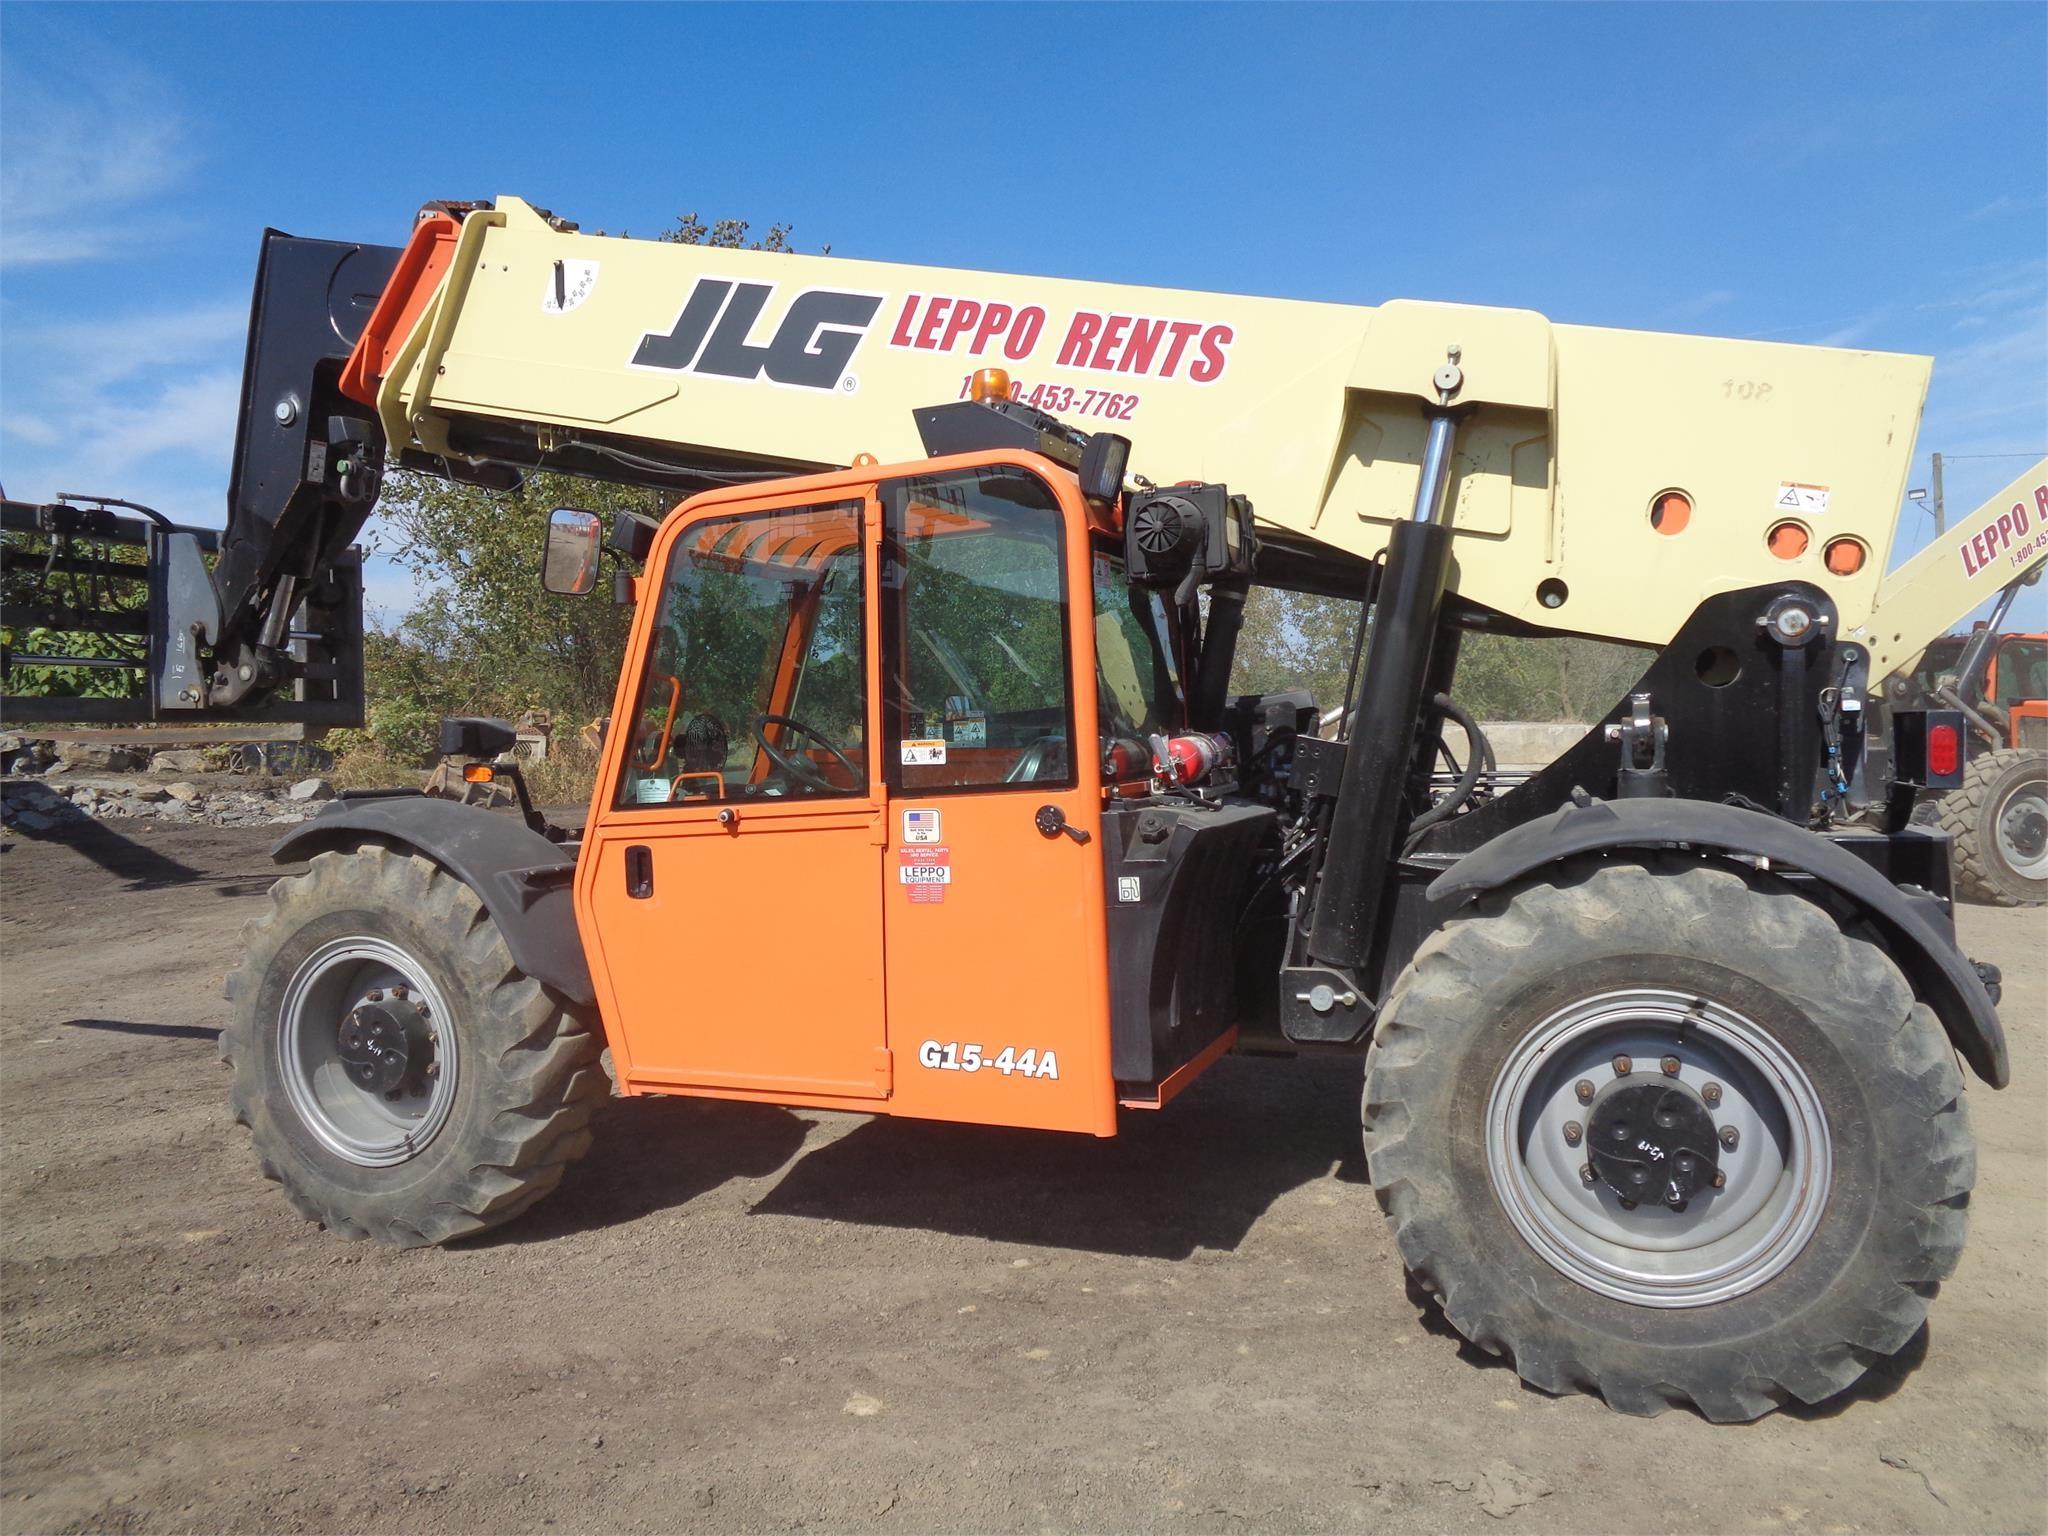 2016 JLG G15-44A